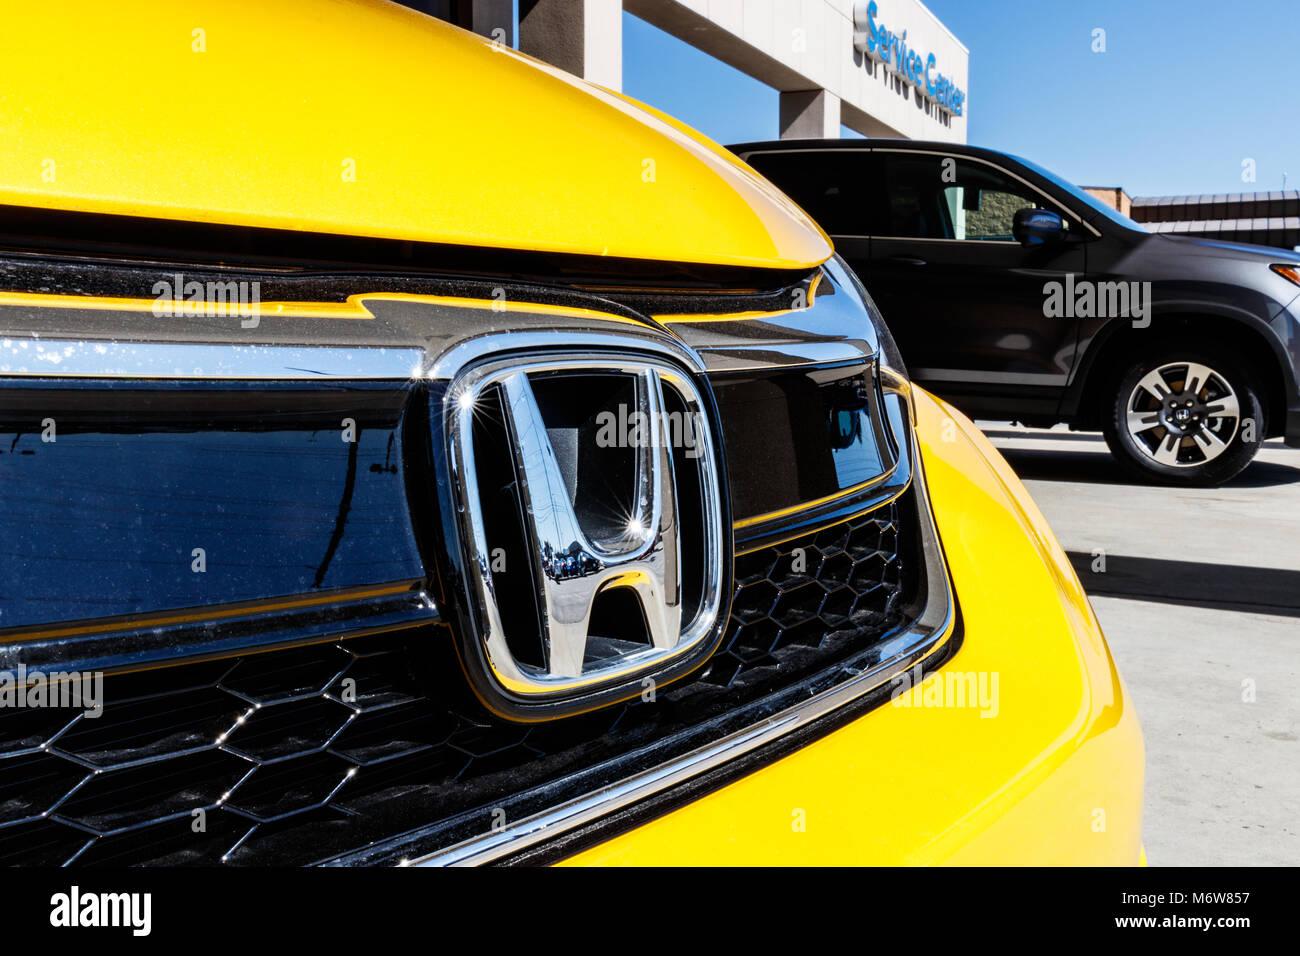 Honda accord stock photos honda accord stock images alamy for Honda motor company stock